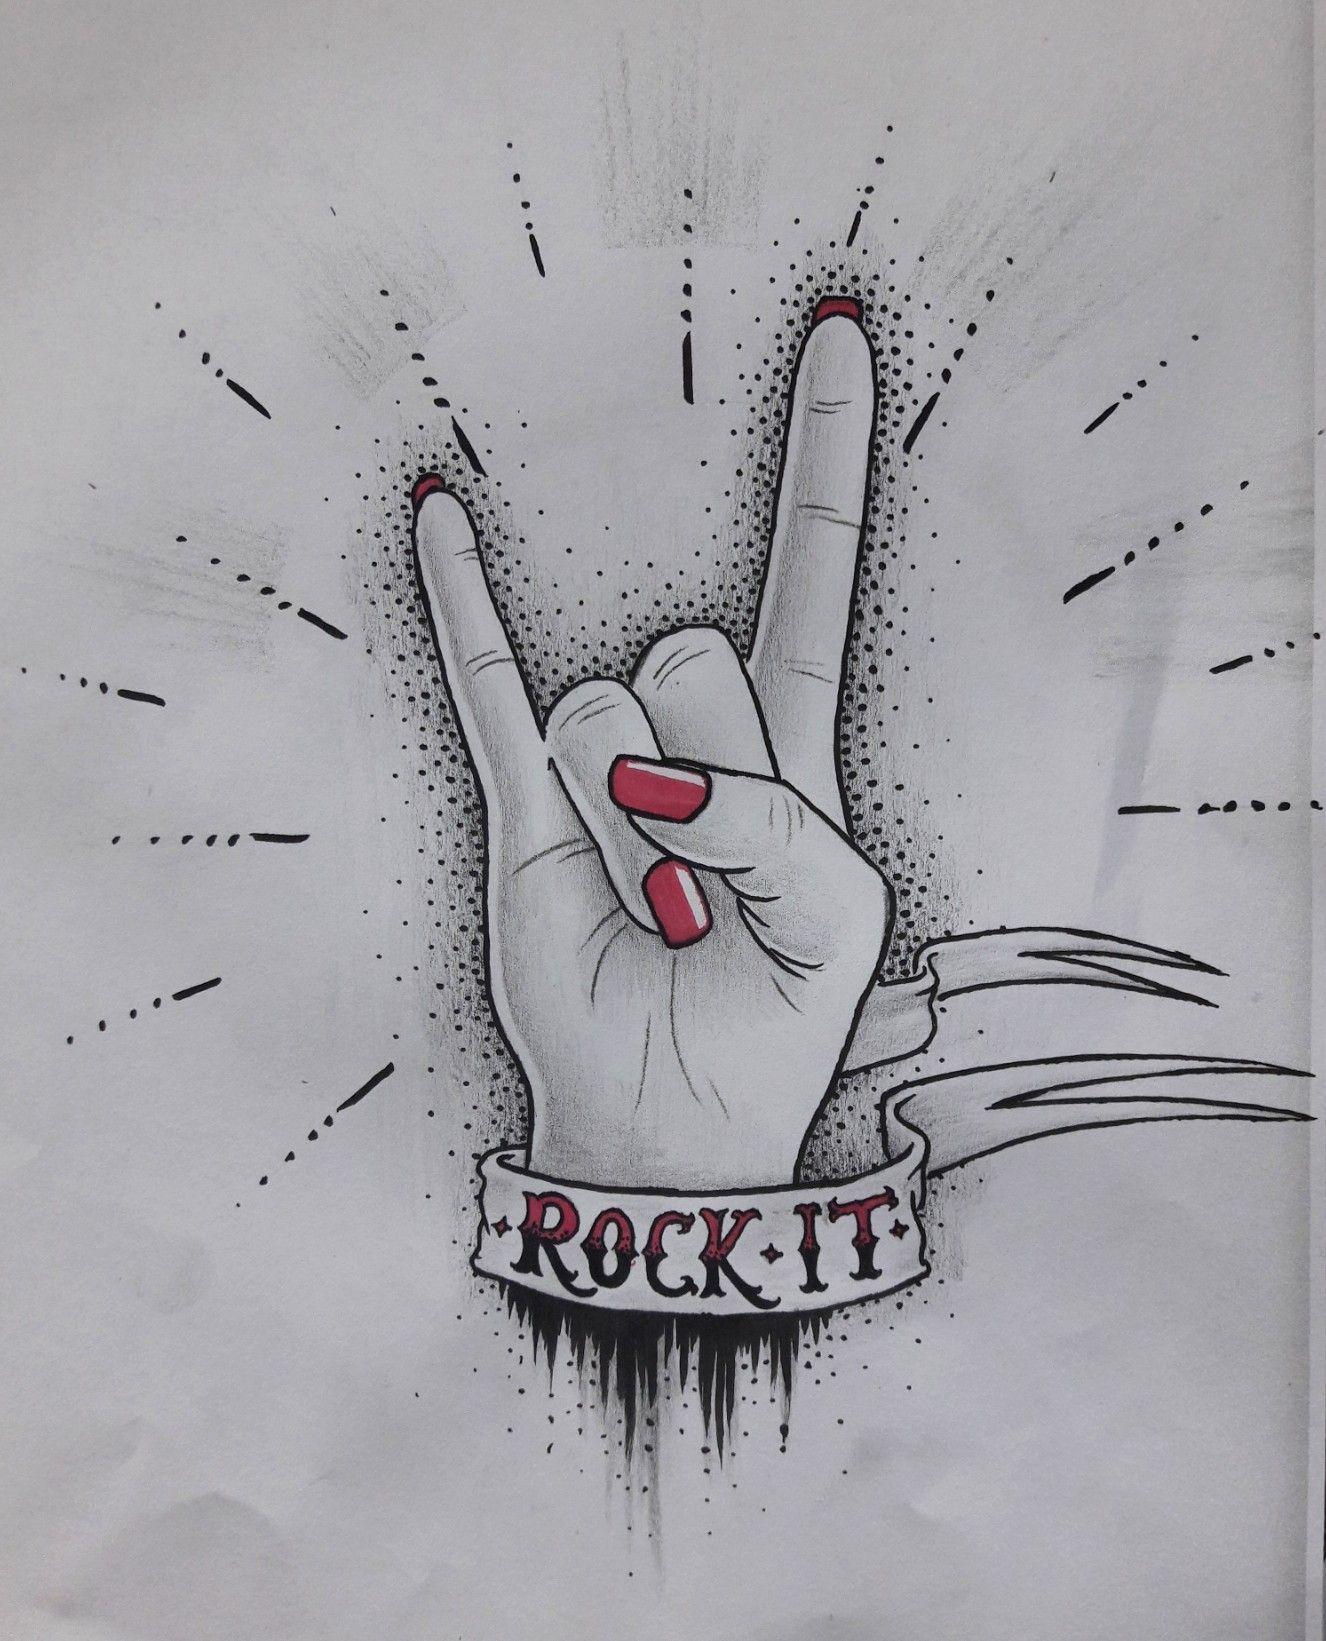 20+ Dessin rock n roll ideas